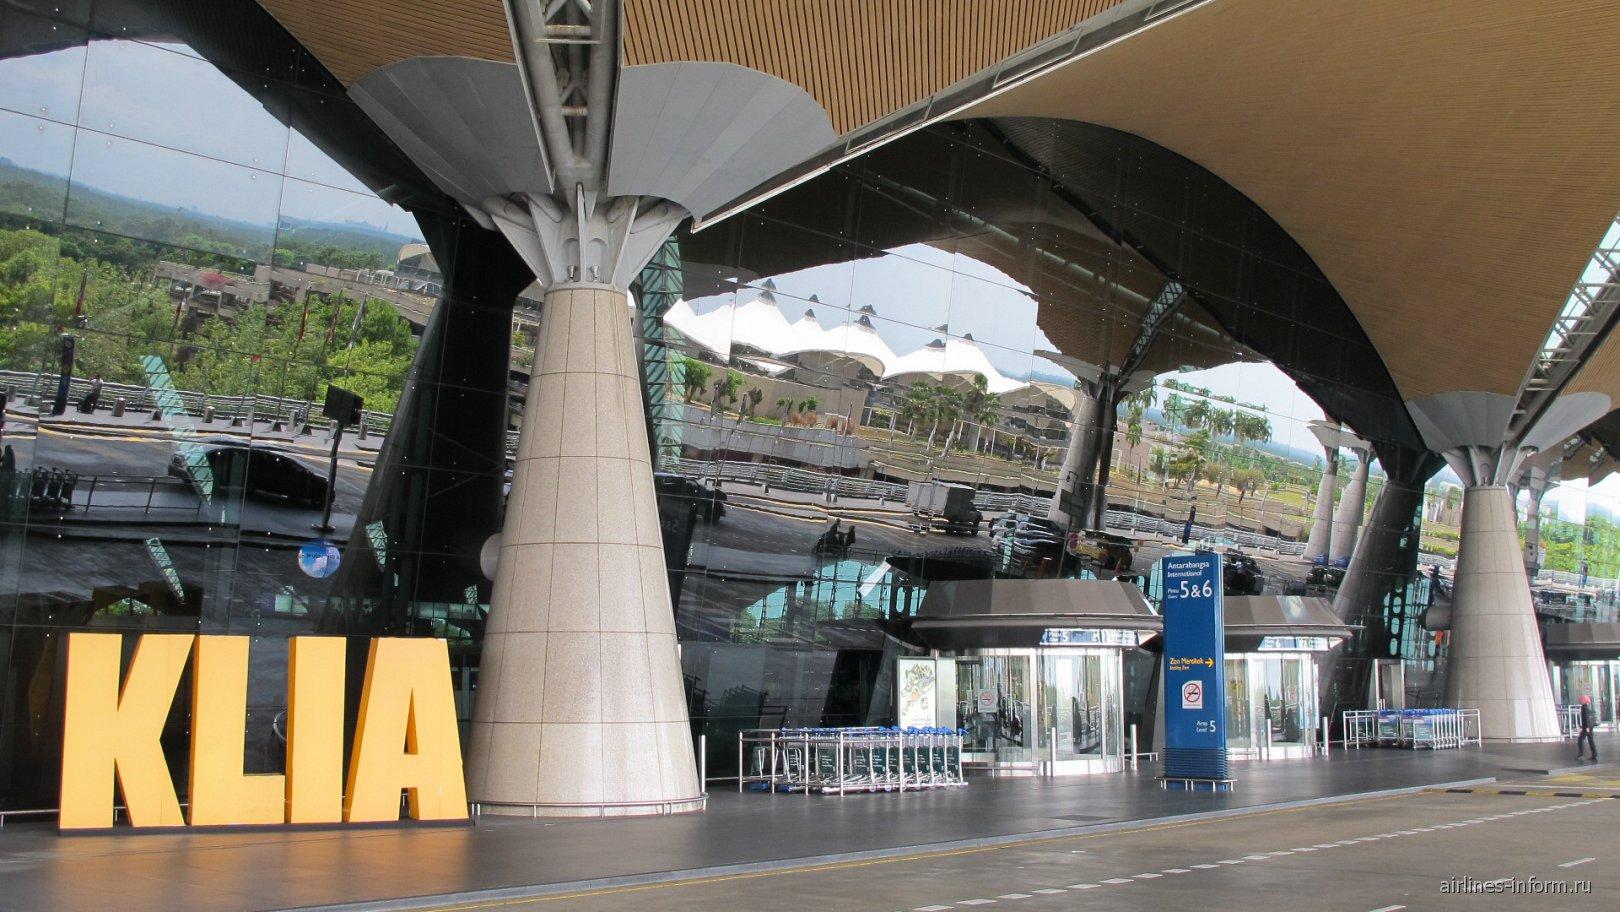 Вход в основной терминал аэропорта Куала-Лумпур